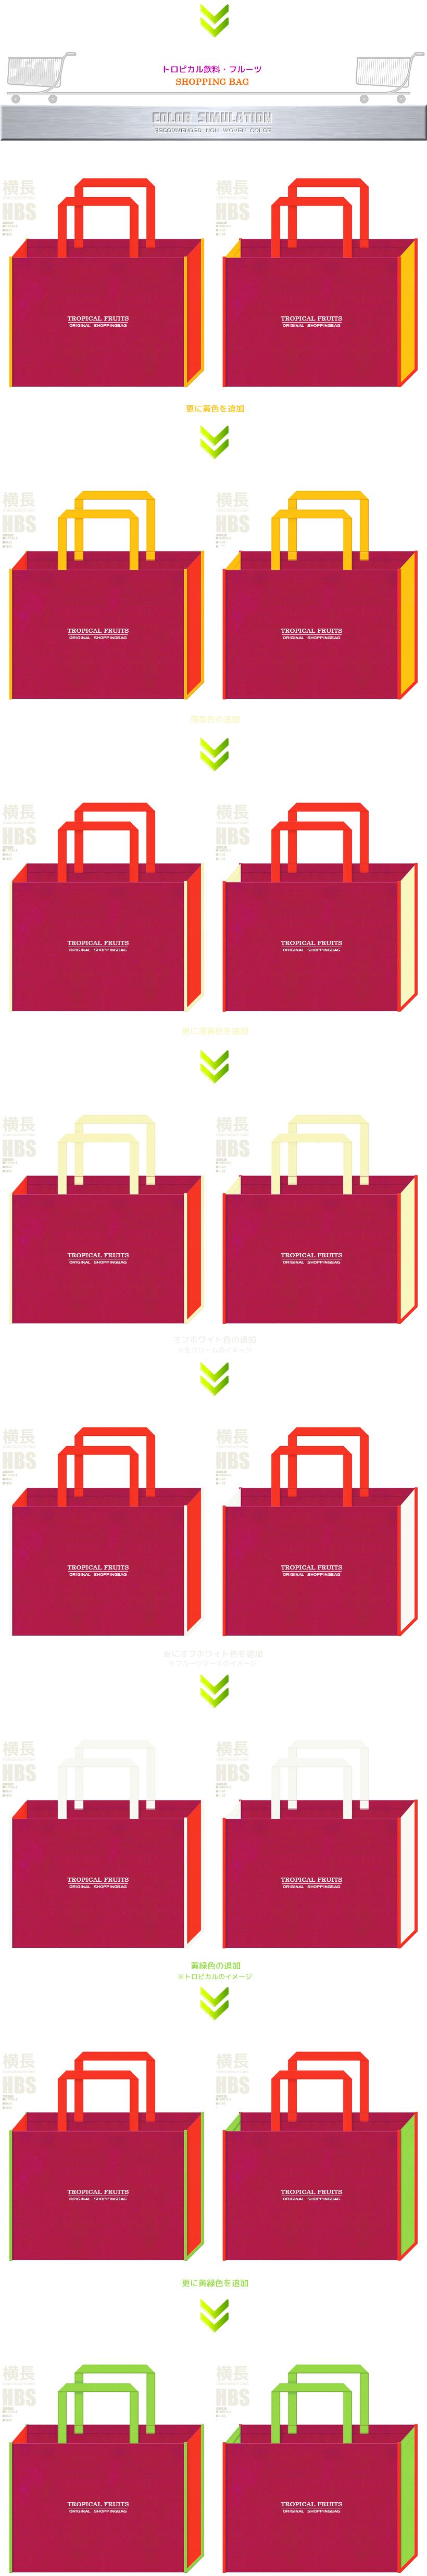 濃いピンク色をメインにした不織布バッグのデザイン:南国・トロピカル・カクテル・フルーツのショッピングバッグ